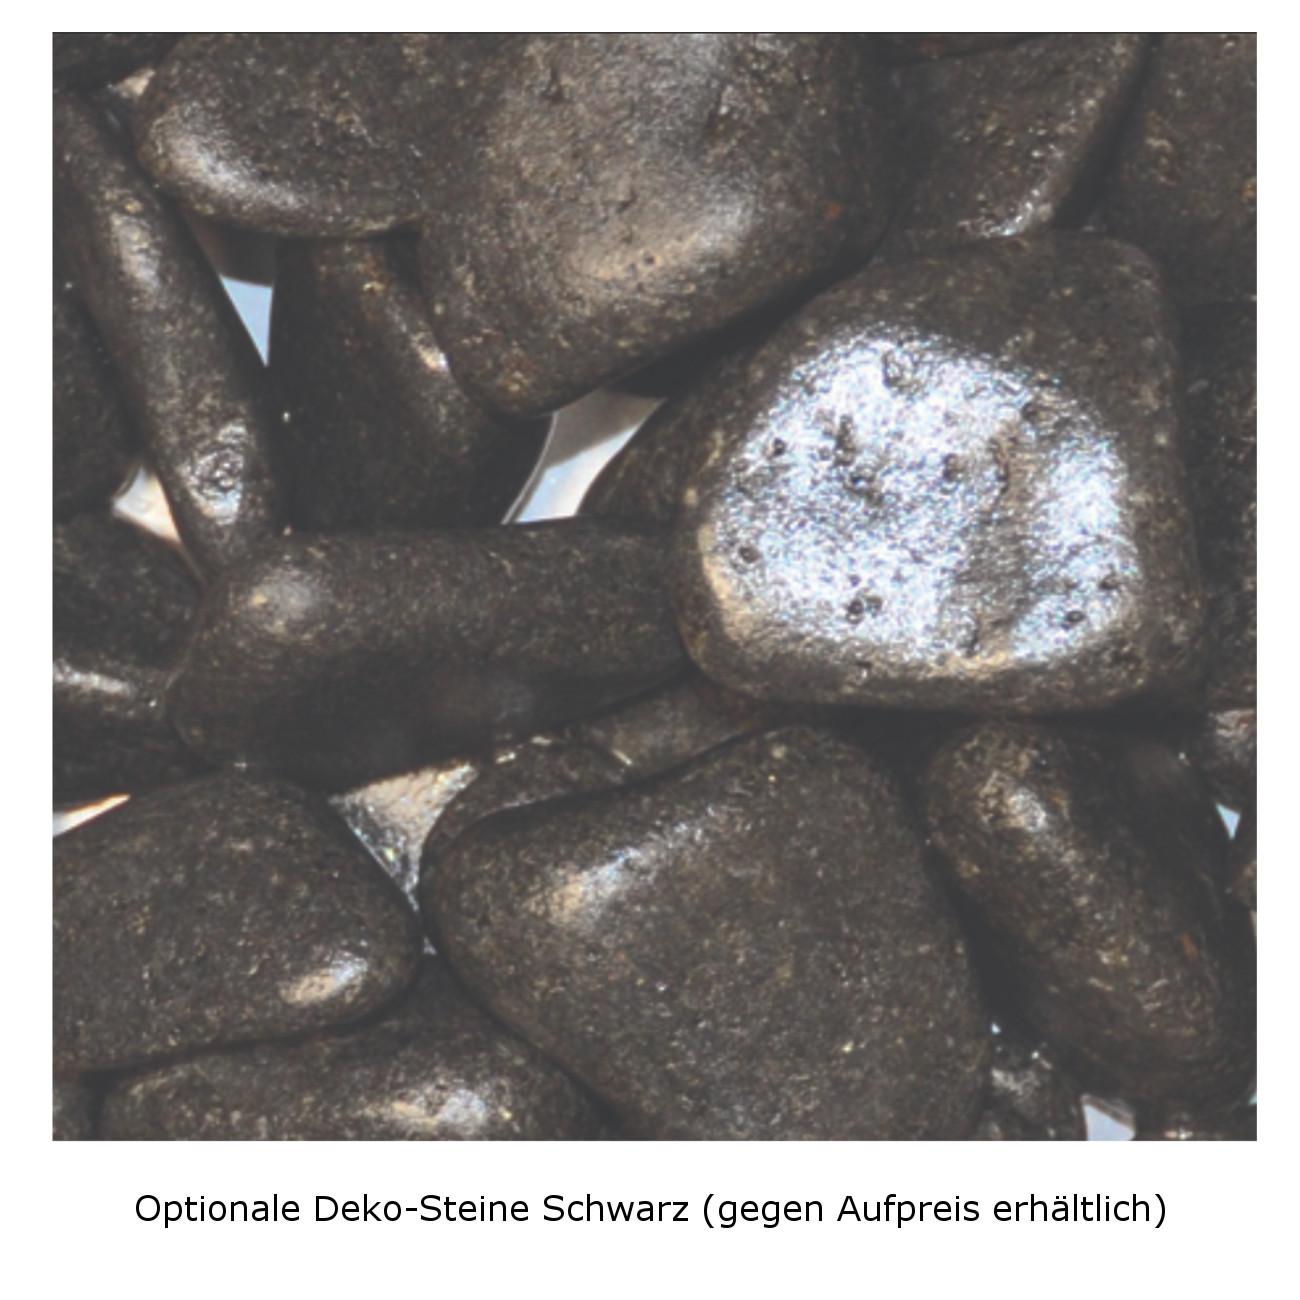 deko-steine-schwarz-glammfireNM95If2yPW9yL